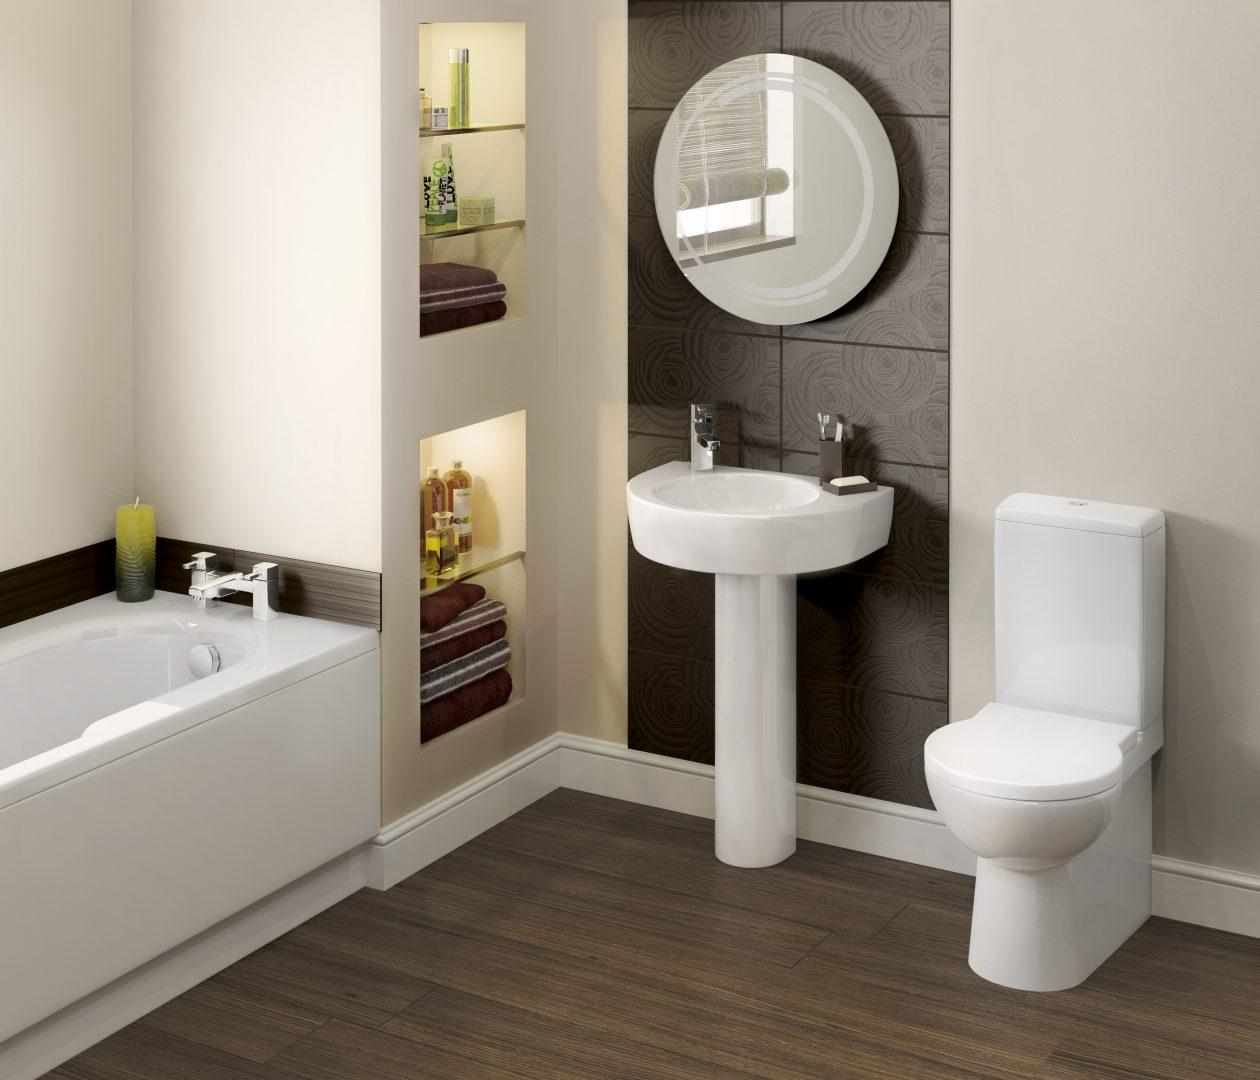 Reforme su cuarto de baño por precios baratos | TEJADOS VALLADOLID